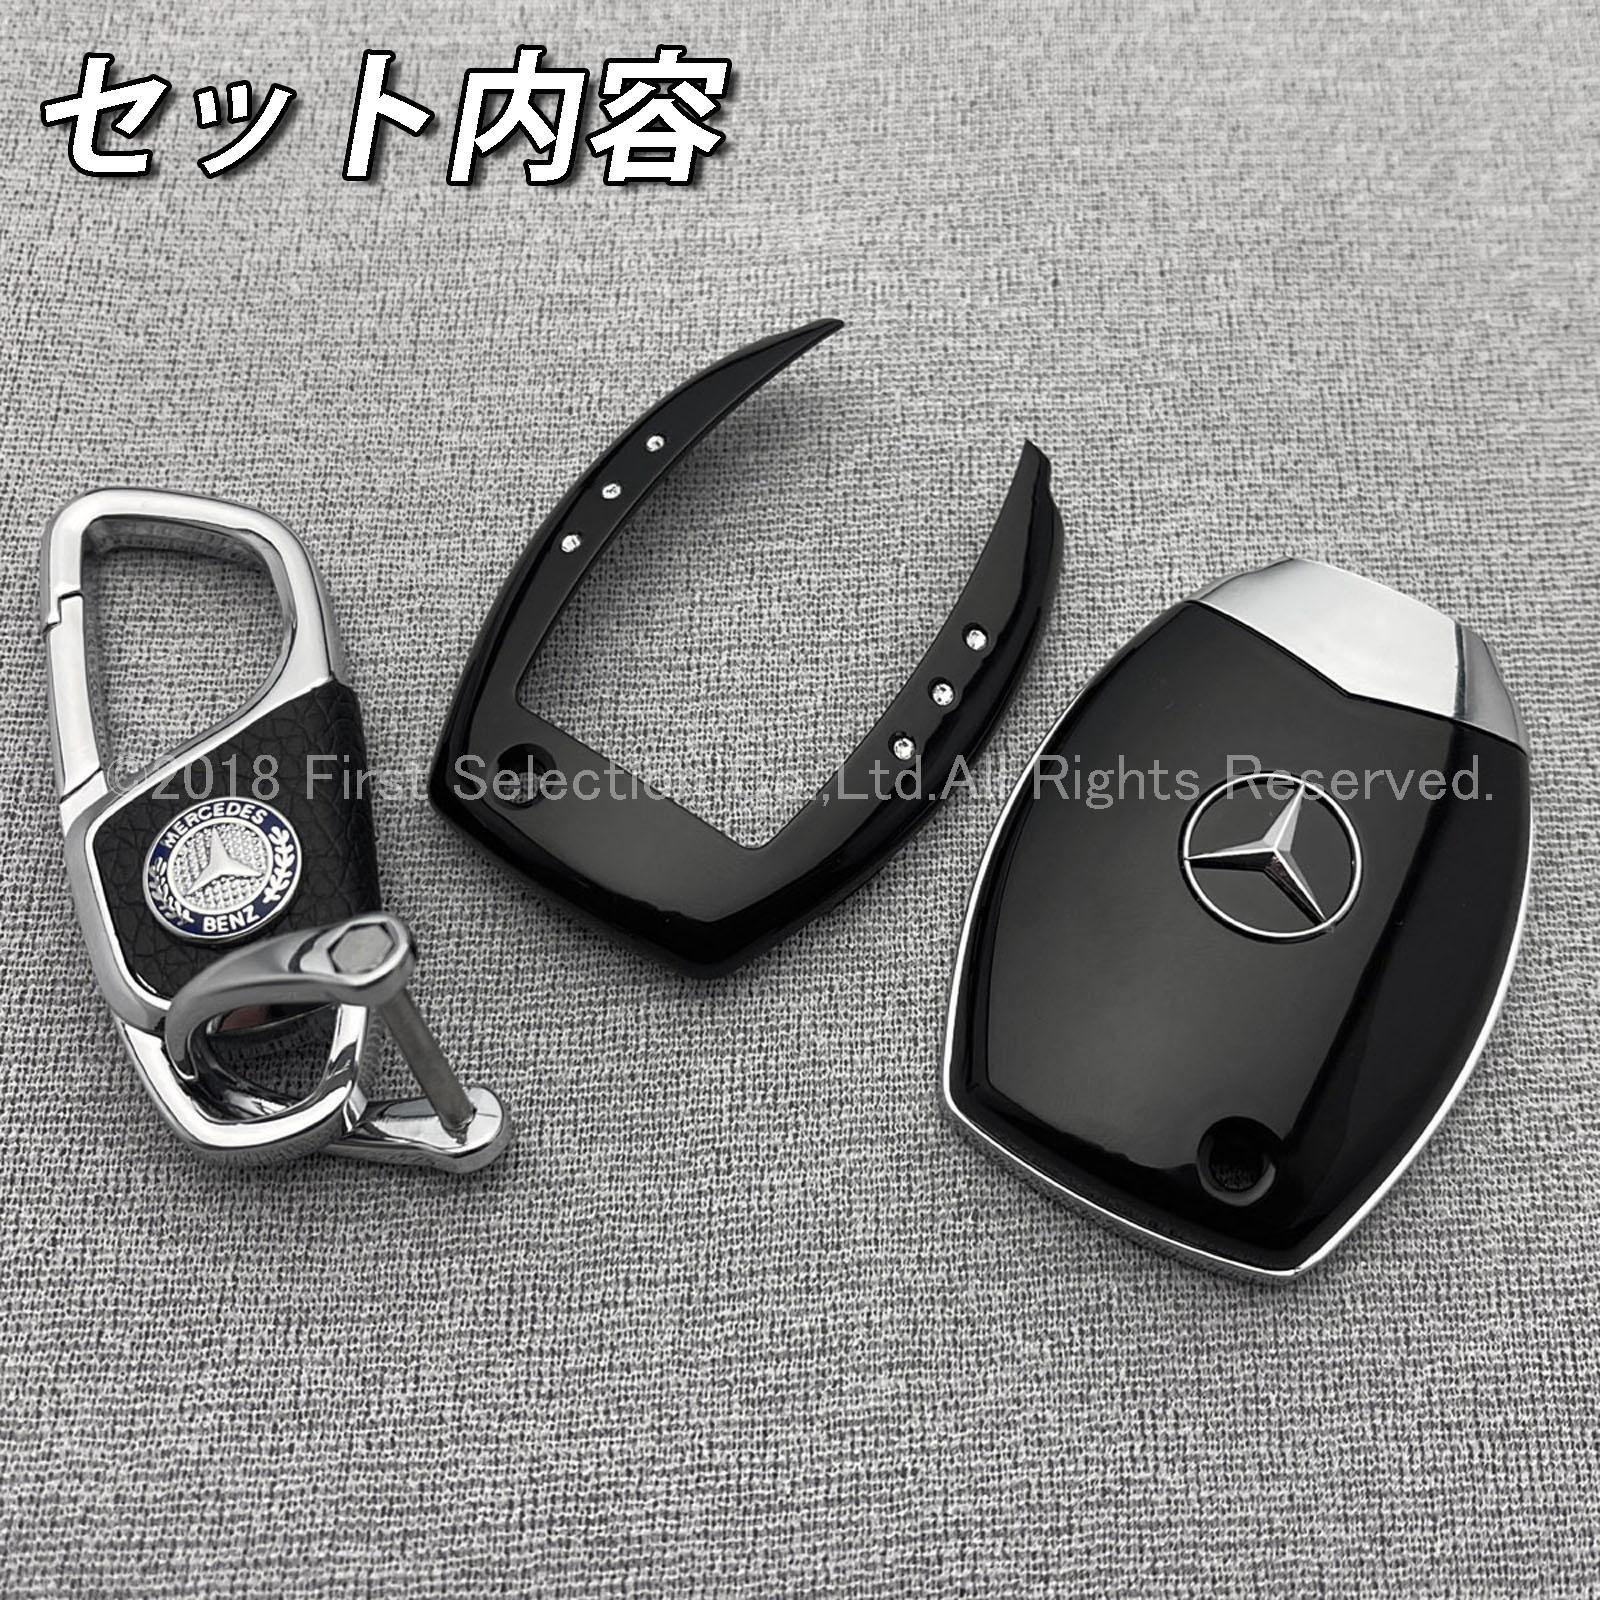 Mercedes-Benz ベンツ スマートキー用 高級キーケースセット 艶黒 W176 W246 W205 W212 W222 W447 C117 C218 X156 X253 W166 X166